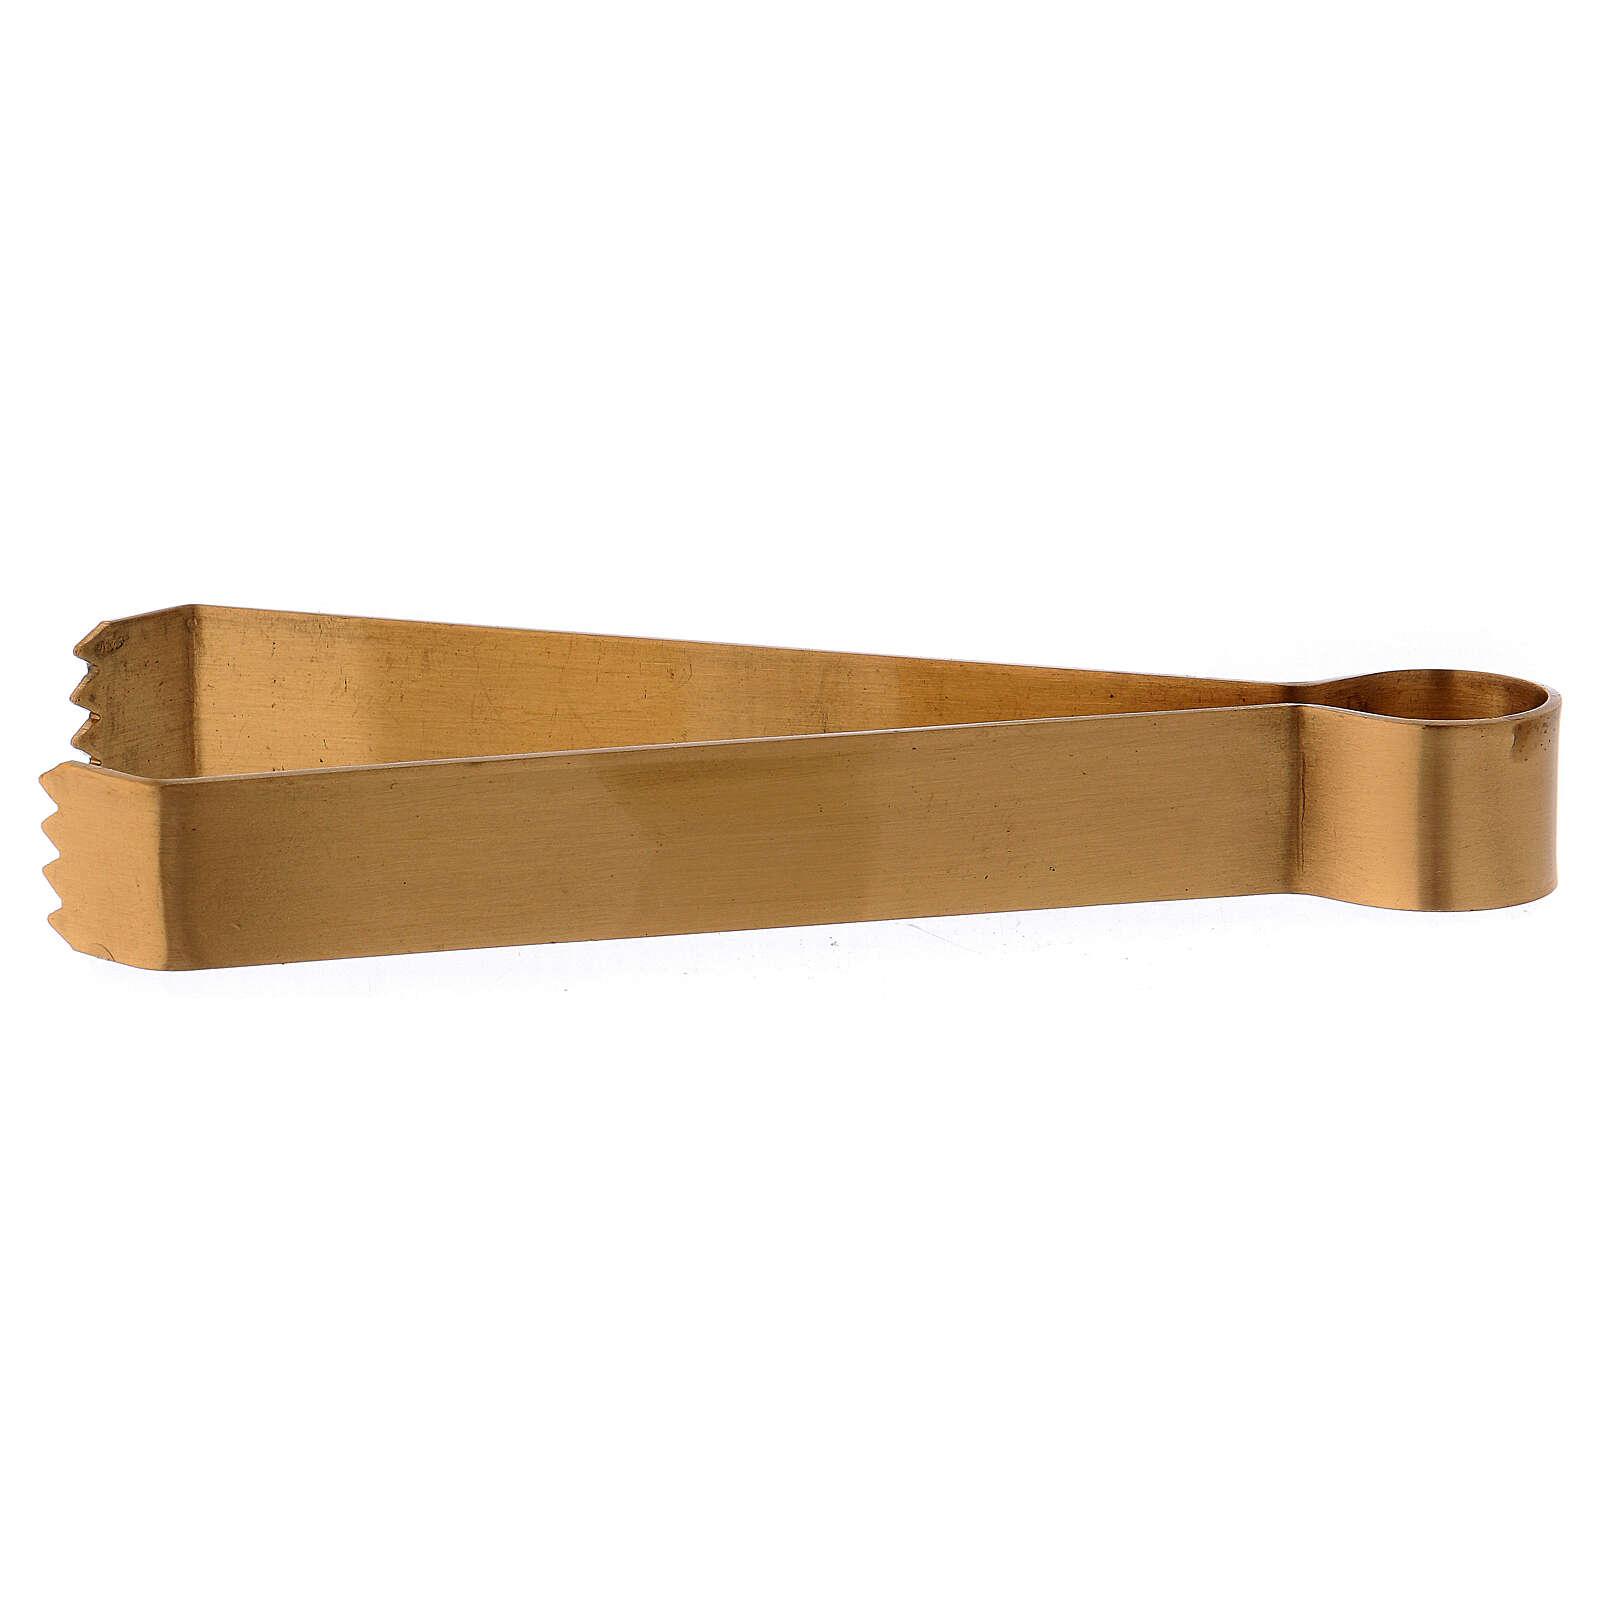 Pinzas para carboncillos latón dorado opaco 11,5 cm 3